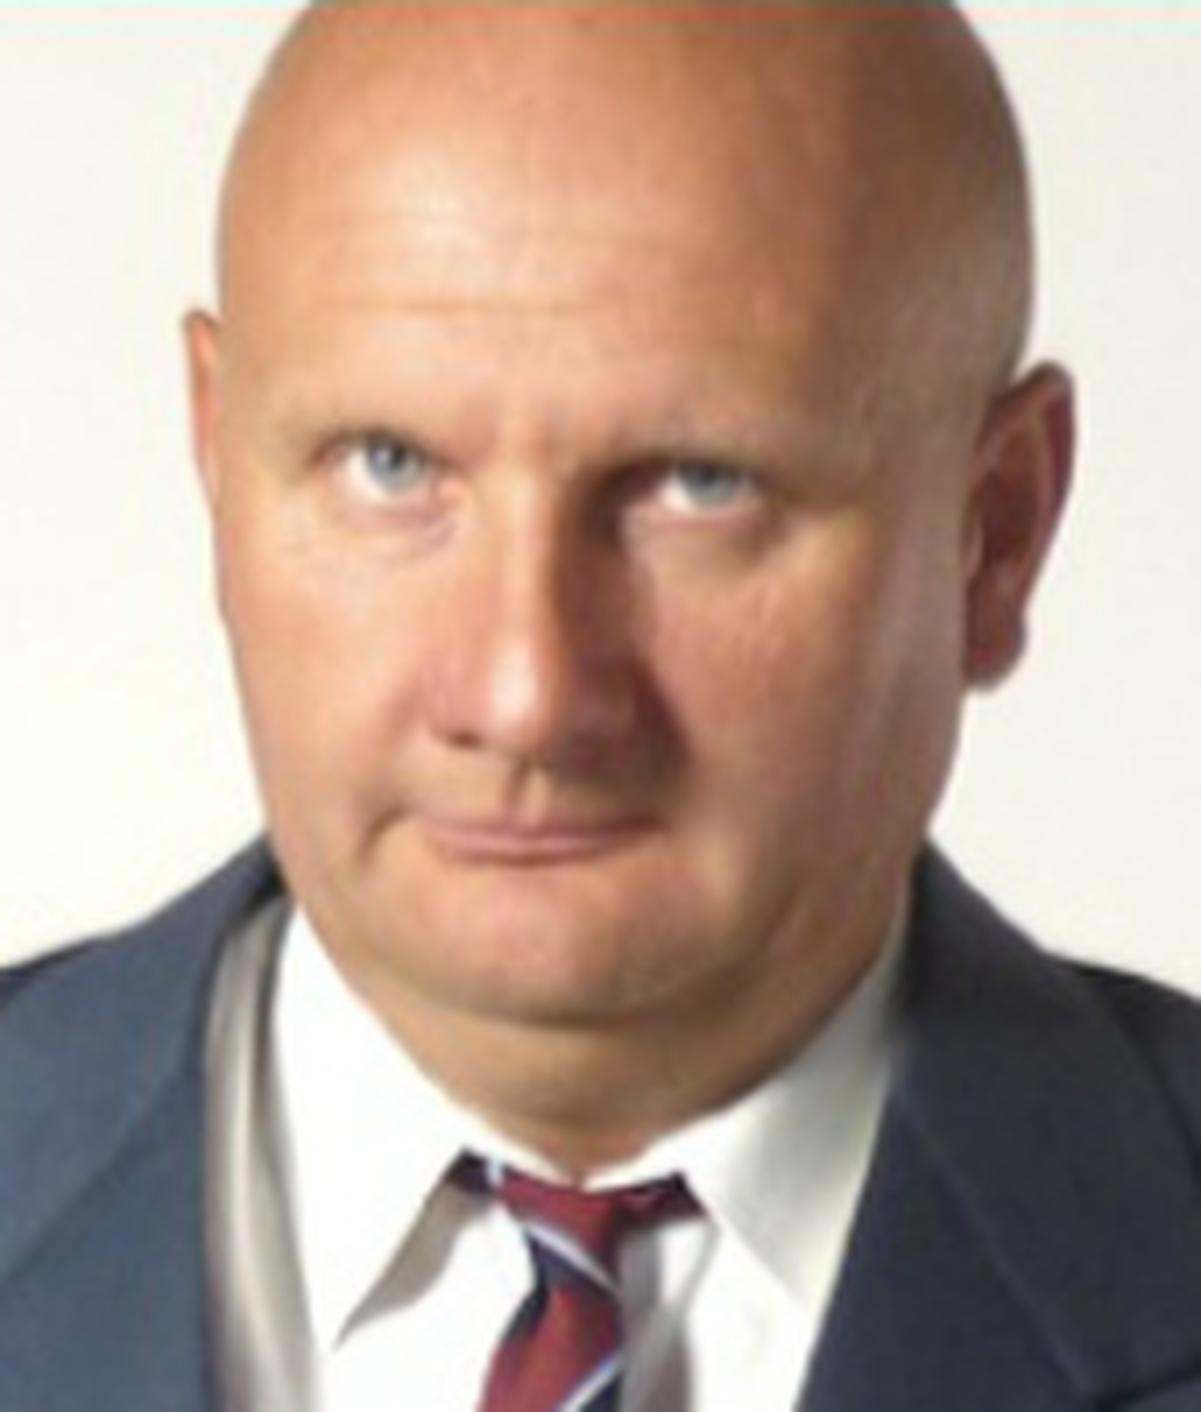 Istvan Milosevic wiki, Istvan Milosevic bio, Istvan Milosevic news